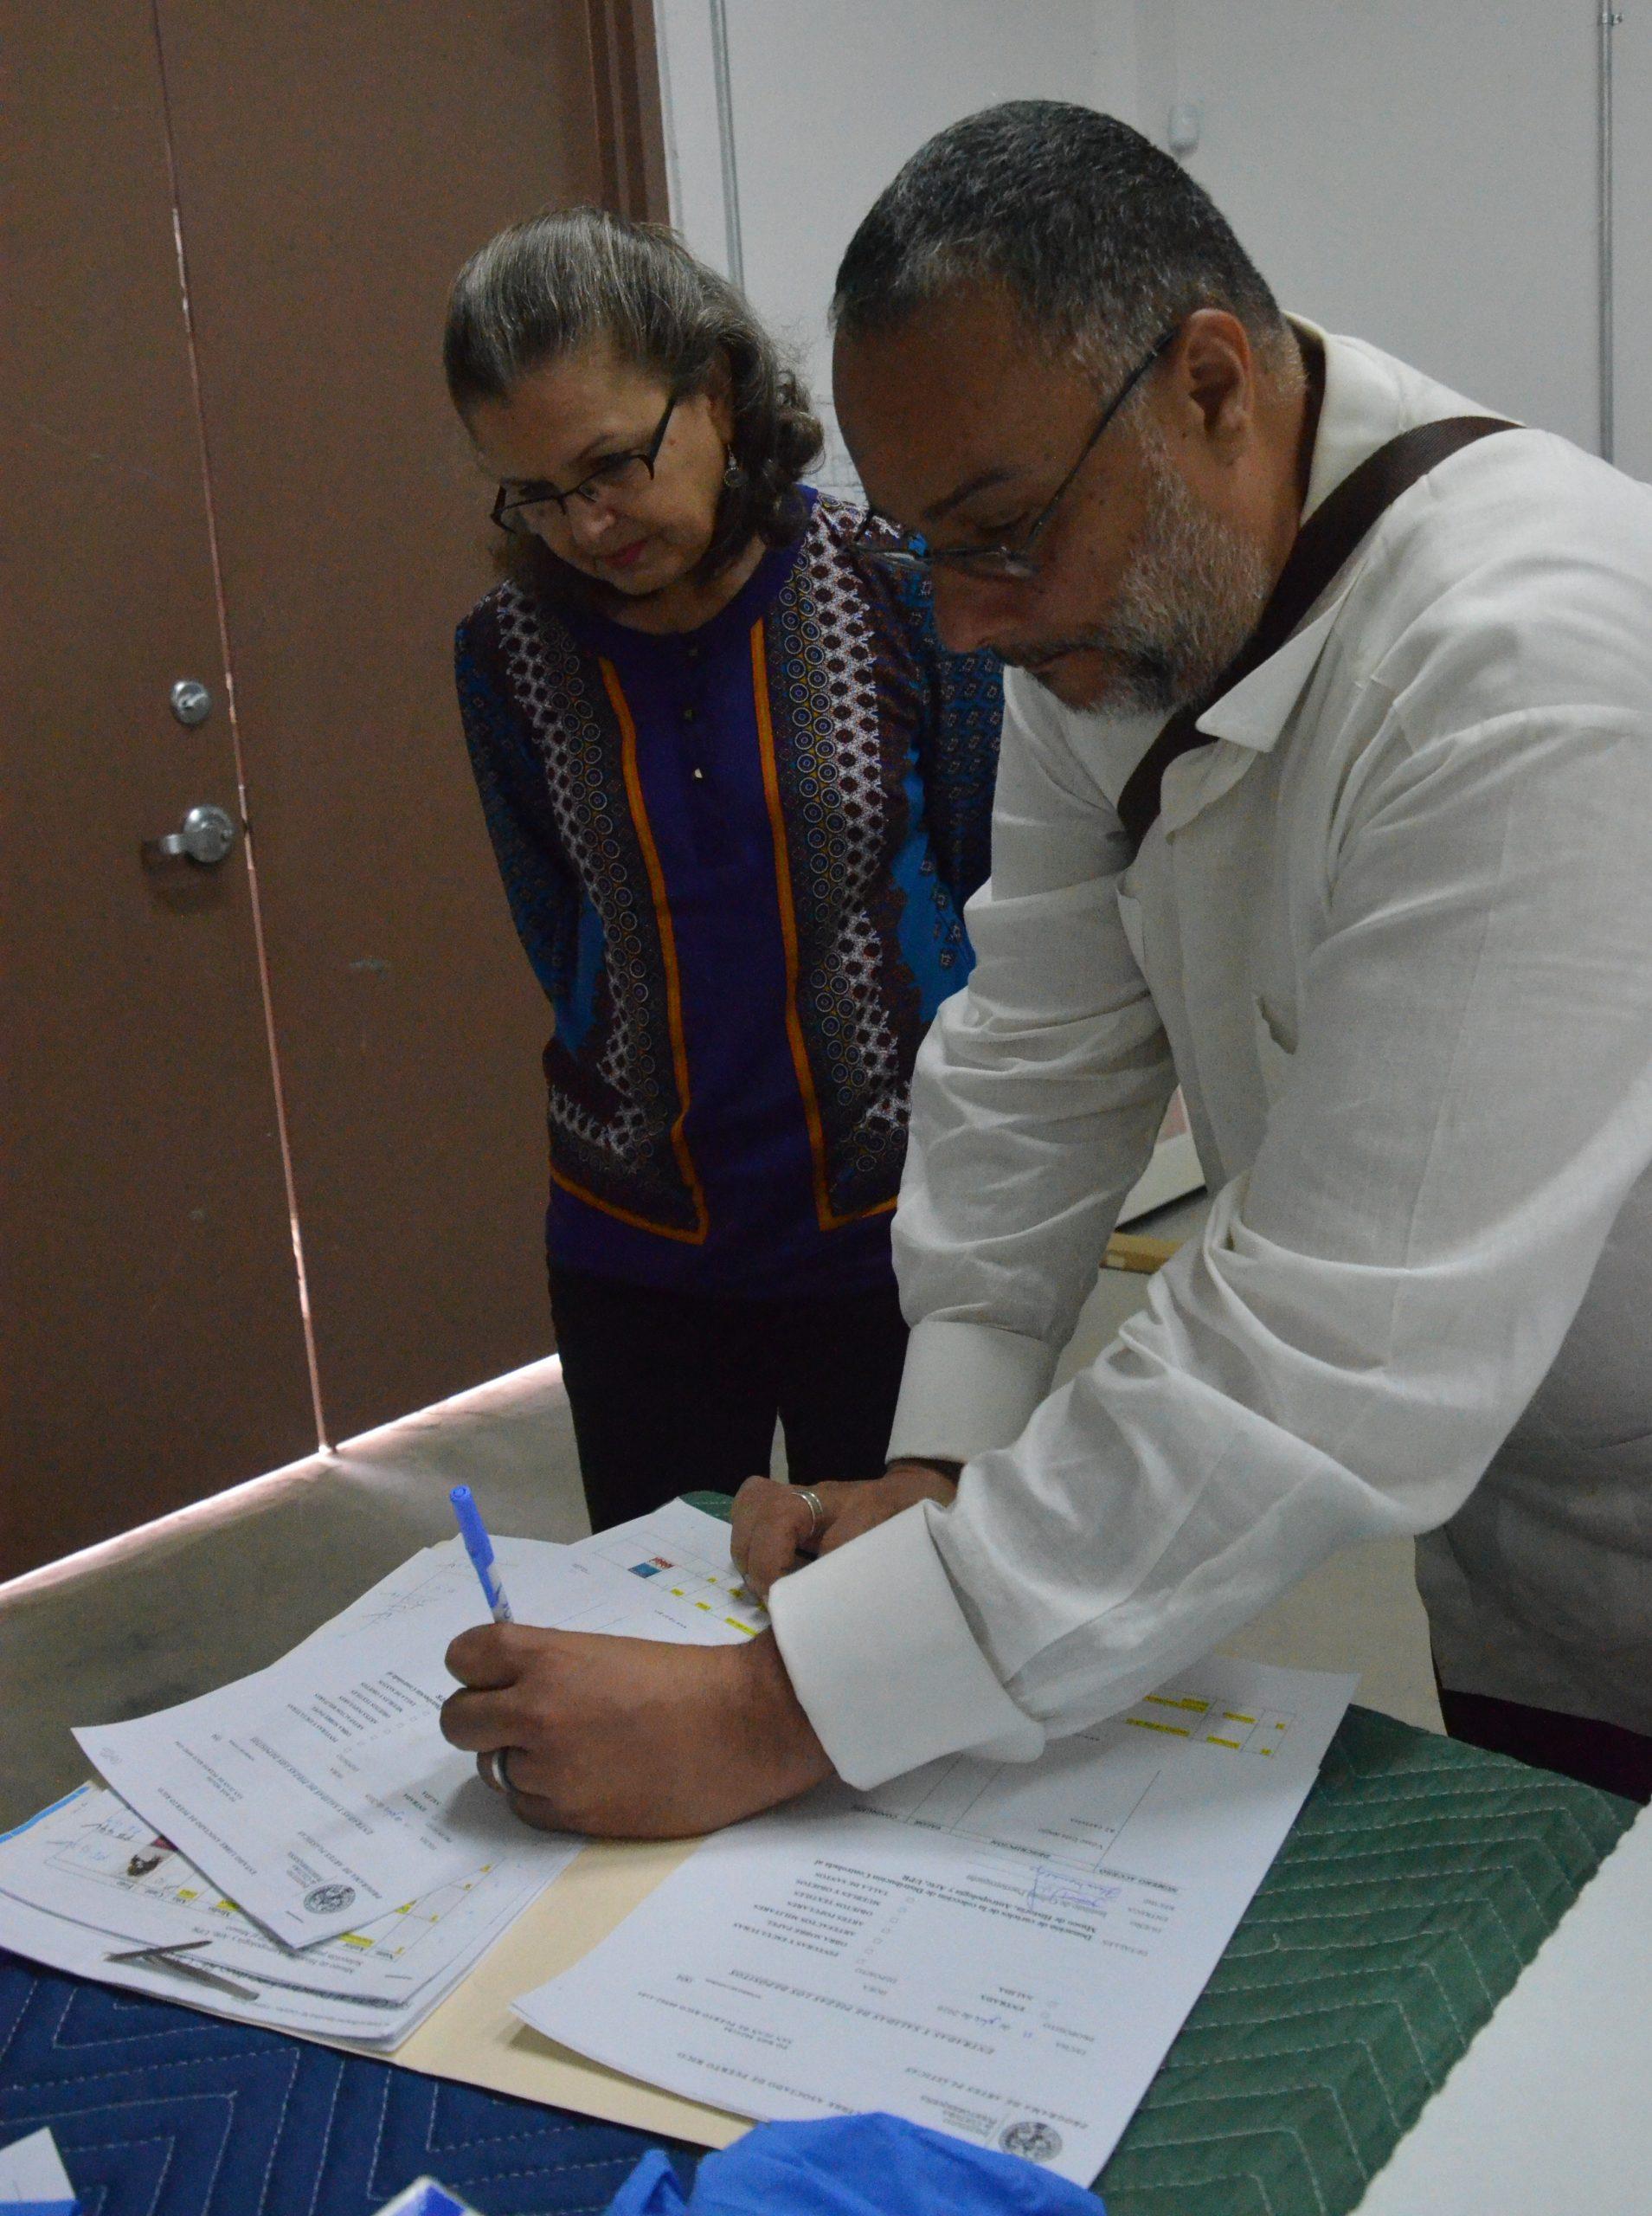 Jorge Irizarry Vizcarrondo, director ejecutivo del Instituto de Cultura Puertorriqueña, y Flavia Marichal del Museo de Historia, Antropología y Arte de la Universidad de Puerto Rico, firman acuerdo para oficializar la donación de carteles. (Foto suministrada)